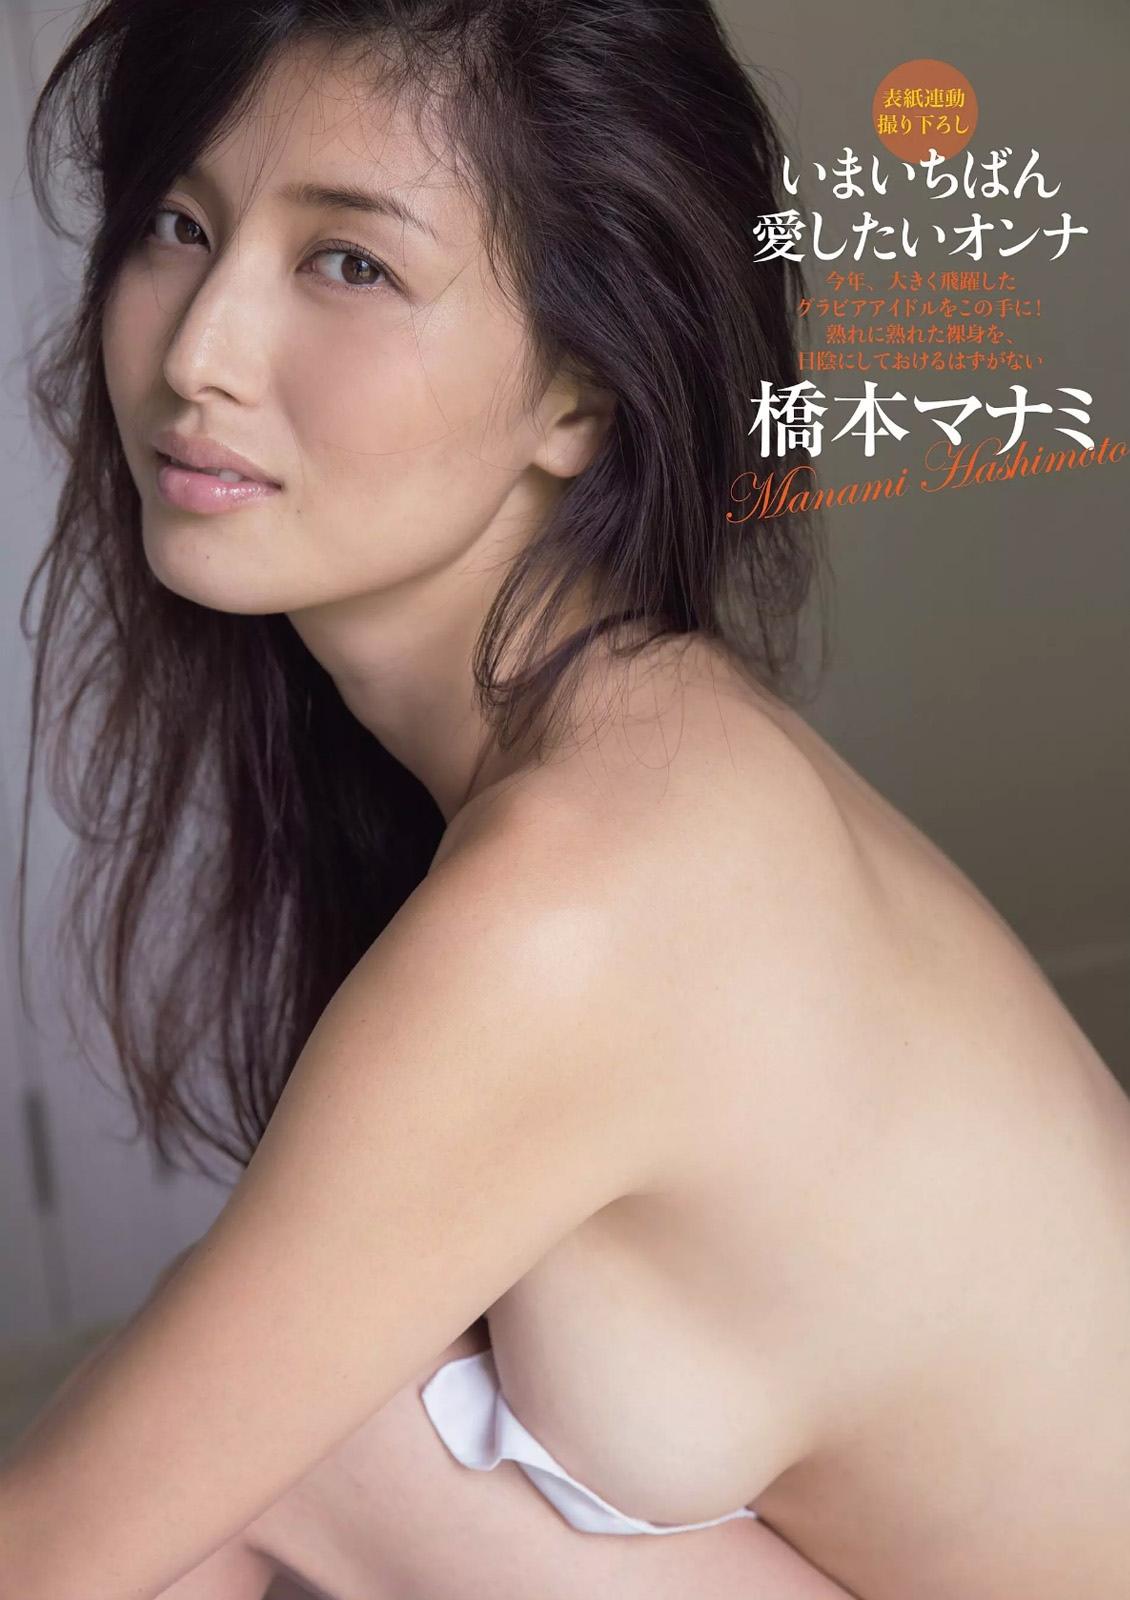 Manami Hashimoto 橋本マナミ,  FLASH 電子版 2014.12.12 (フラッシュ 2014年12月12日号)